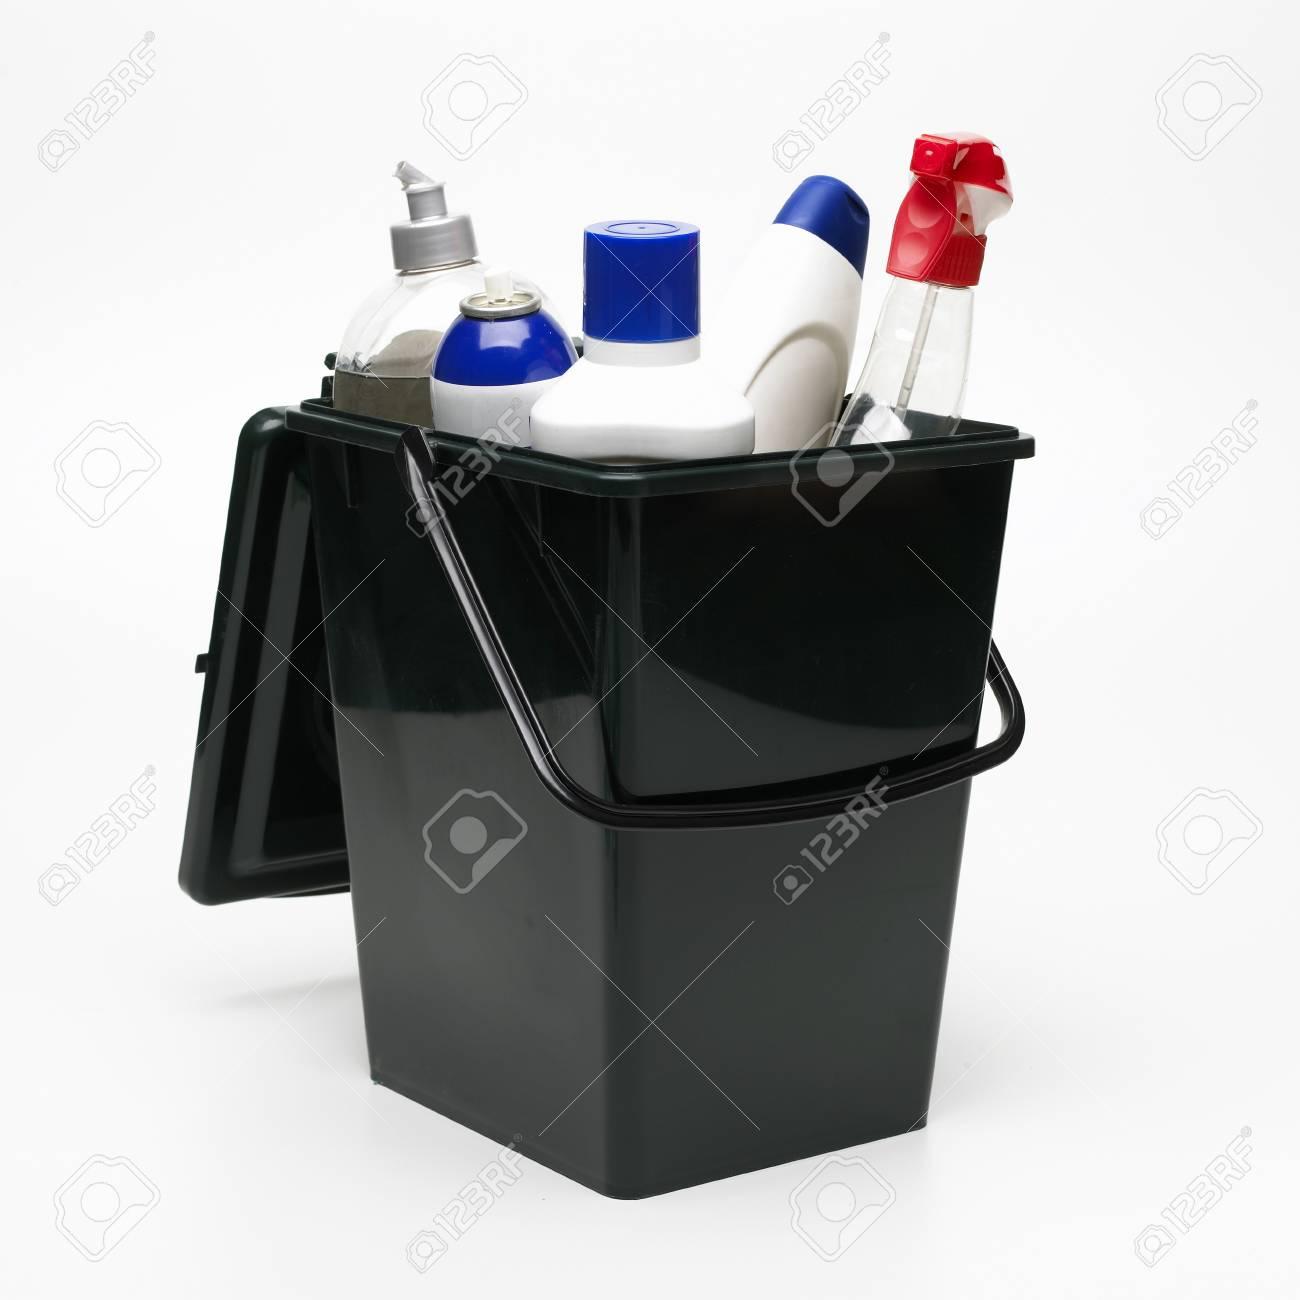 recycling bin Stock Photo - 4238728